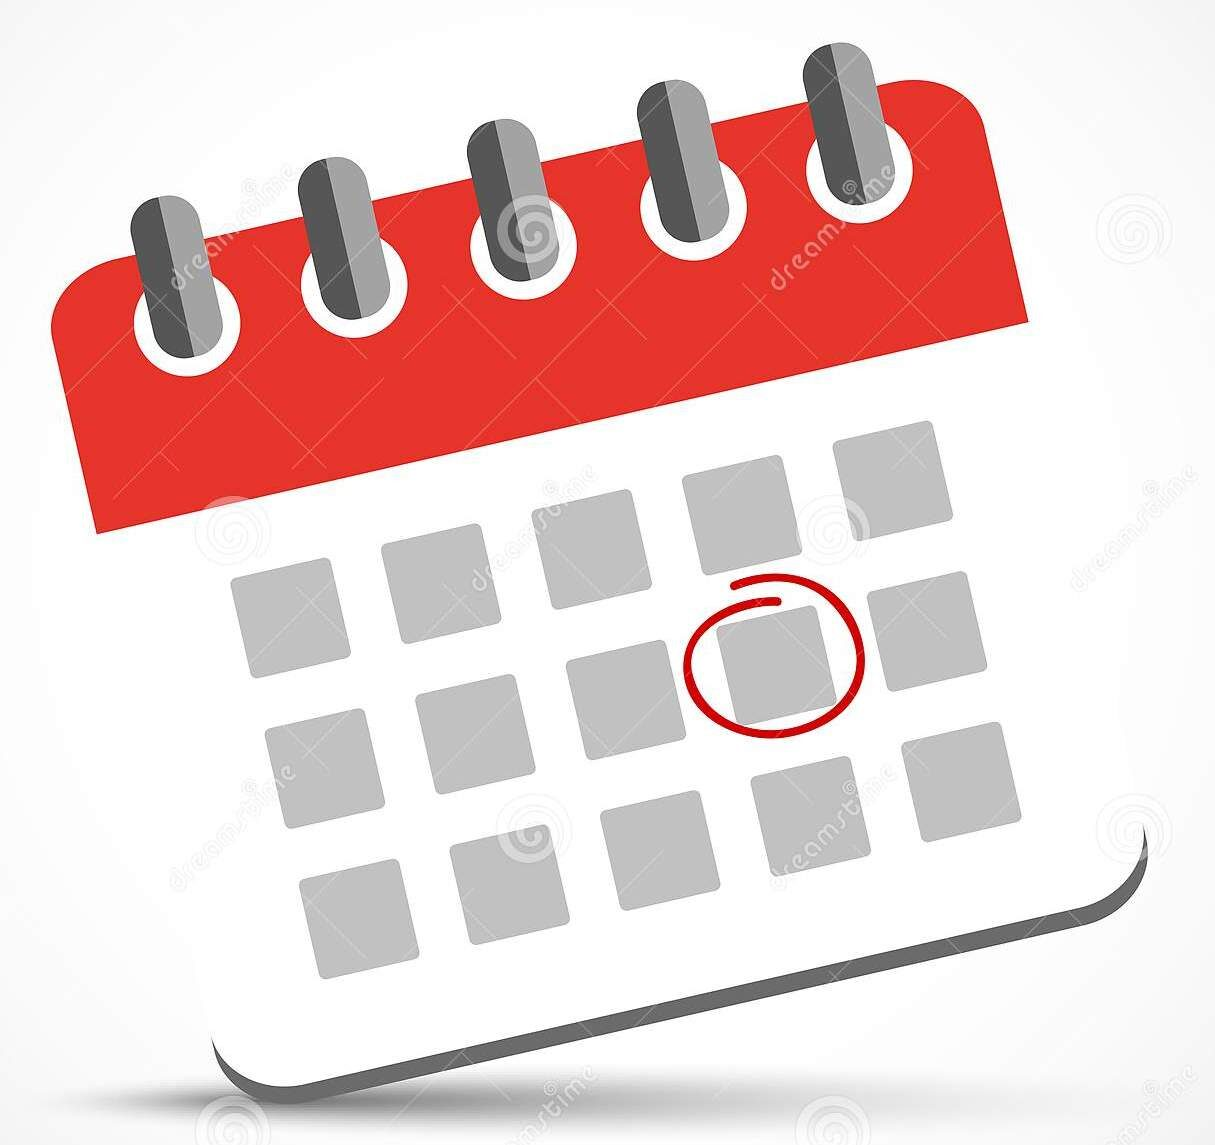 cercle-de-rendez-vous-dans-un-pictogramme-rouge-d-icône-calendrier-133354631.jpg